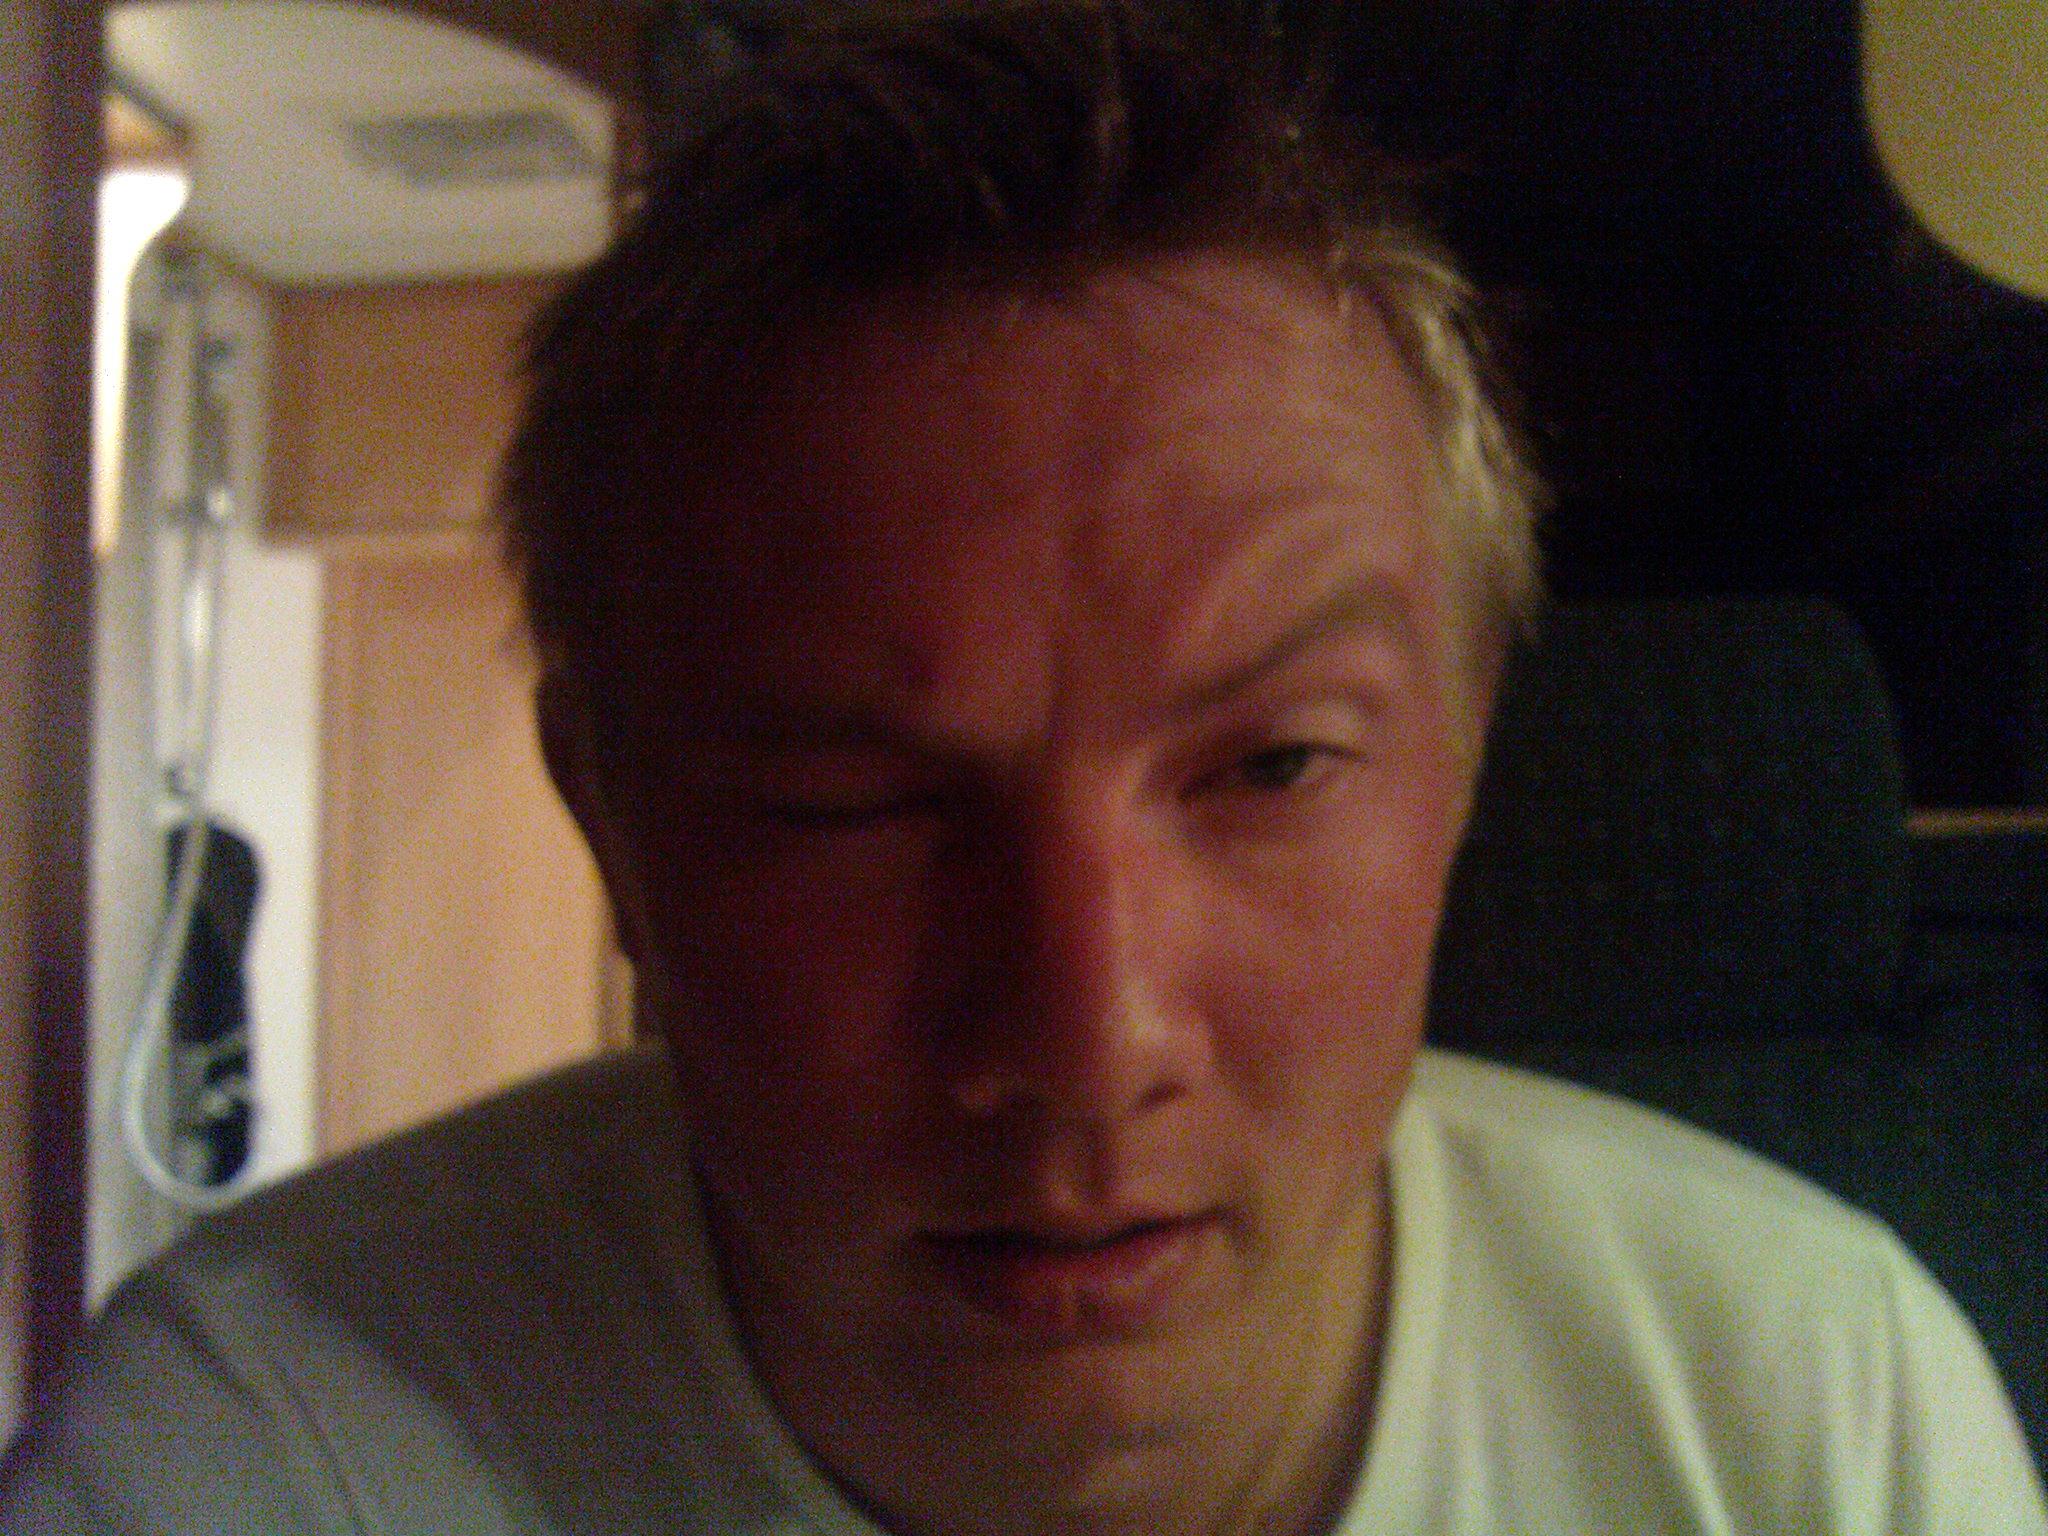 20. vår vän Andreas Gullberg